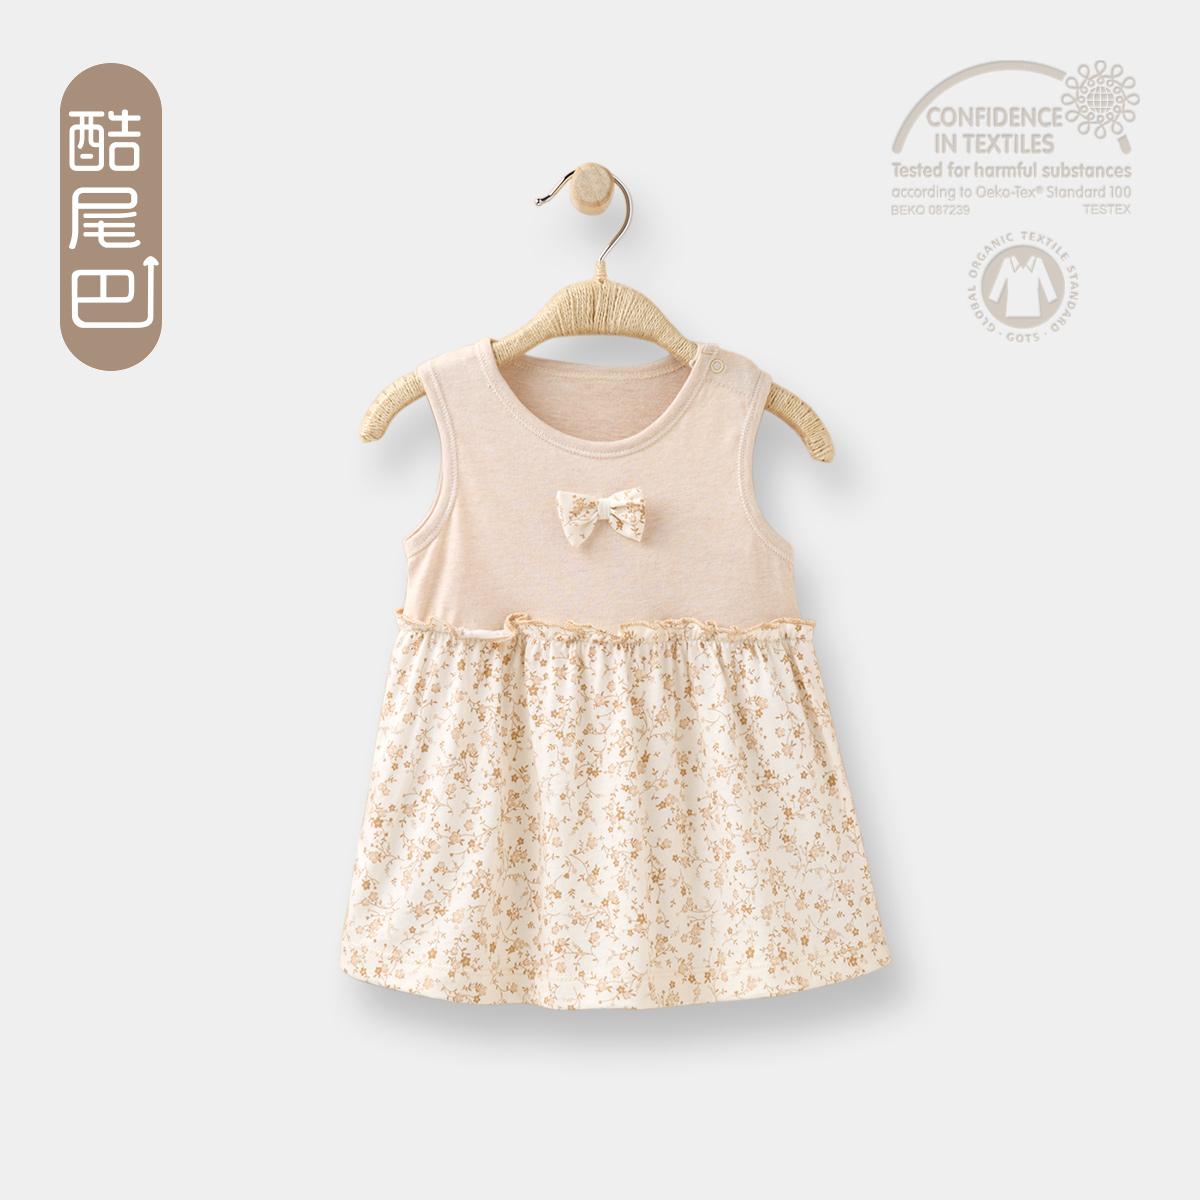 酷尾巴婴儿裙子夏季宝宝连衣裙0-1纯棉小女孩公主裙2幼儿裙子婴儿